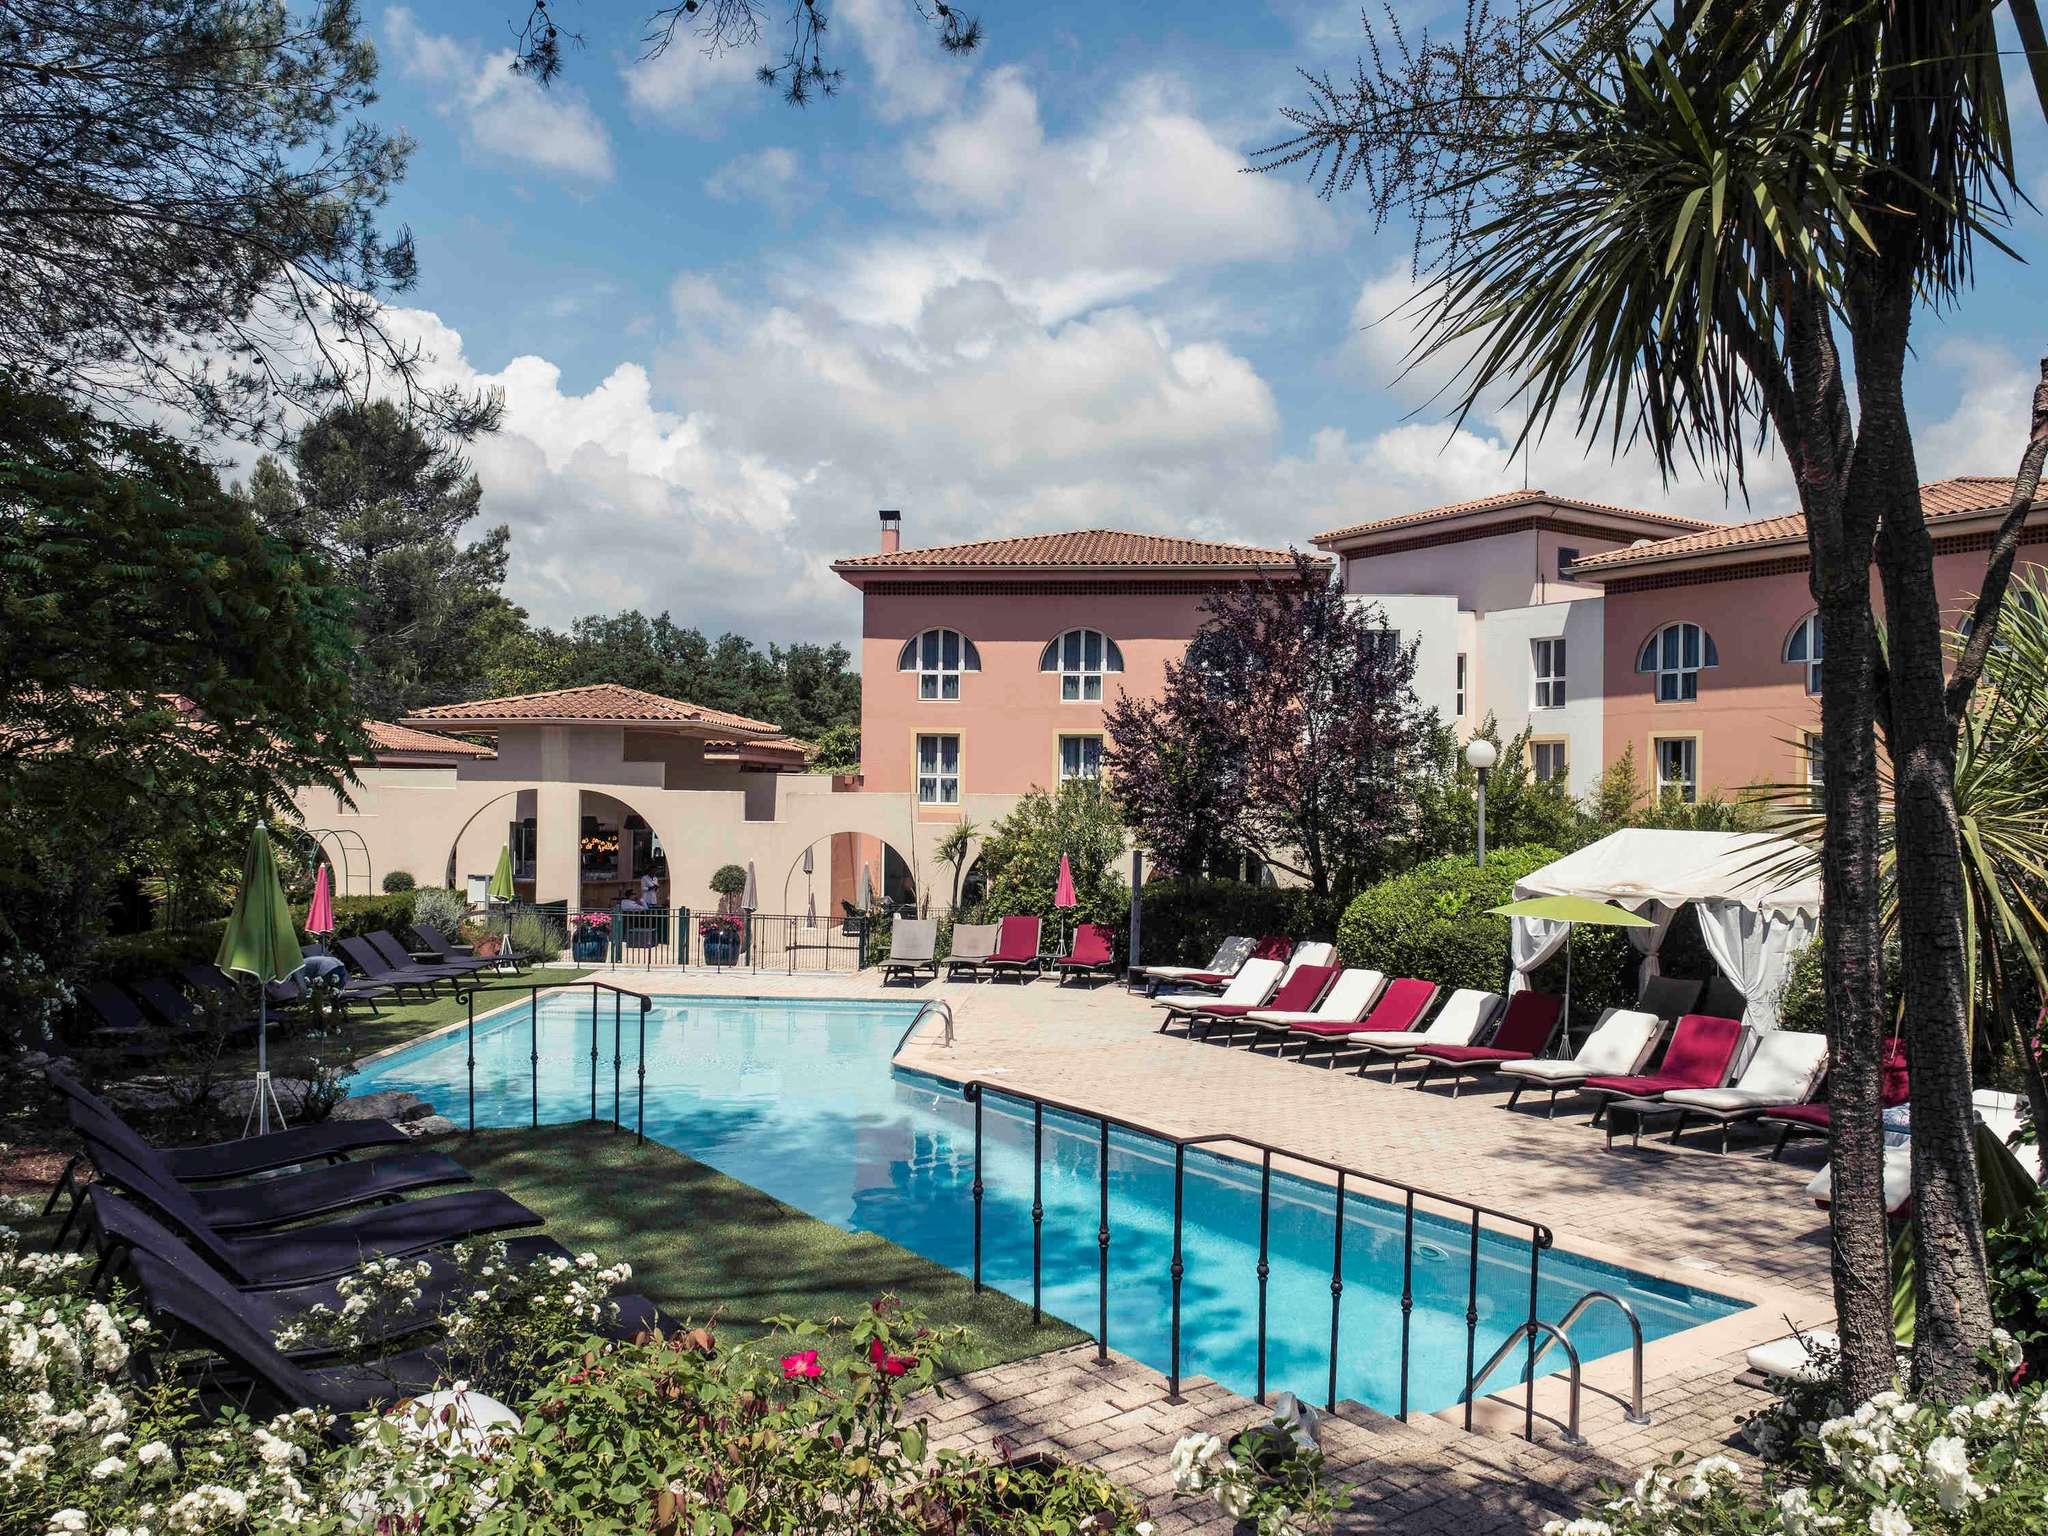 Hotel – Hotel Mercure Antibes Sophia Antipolis